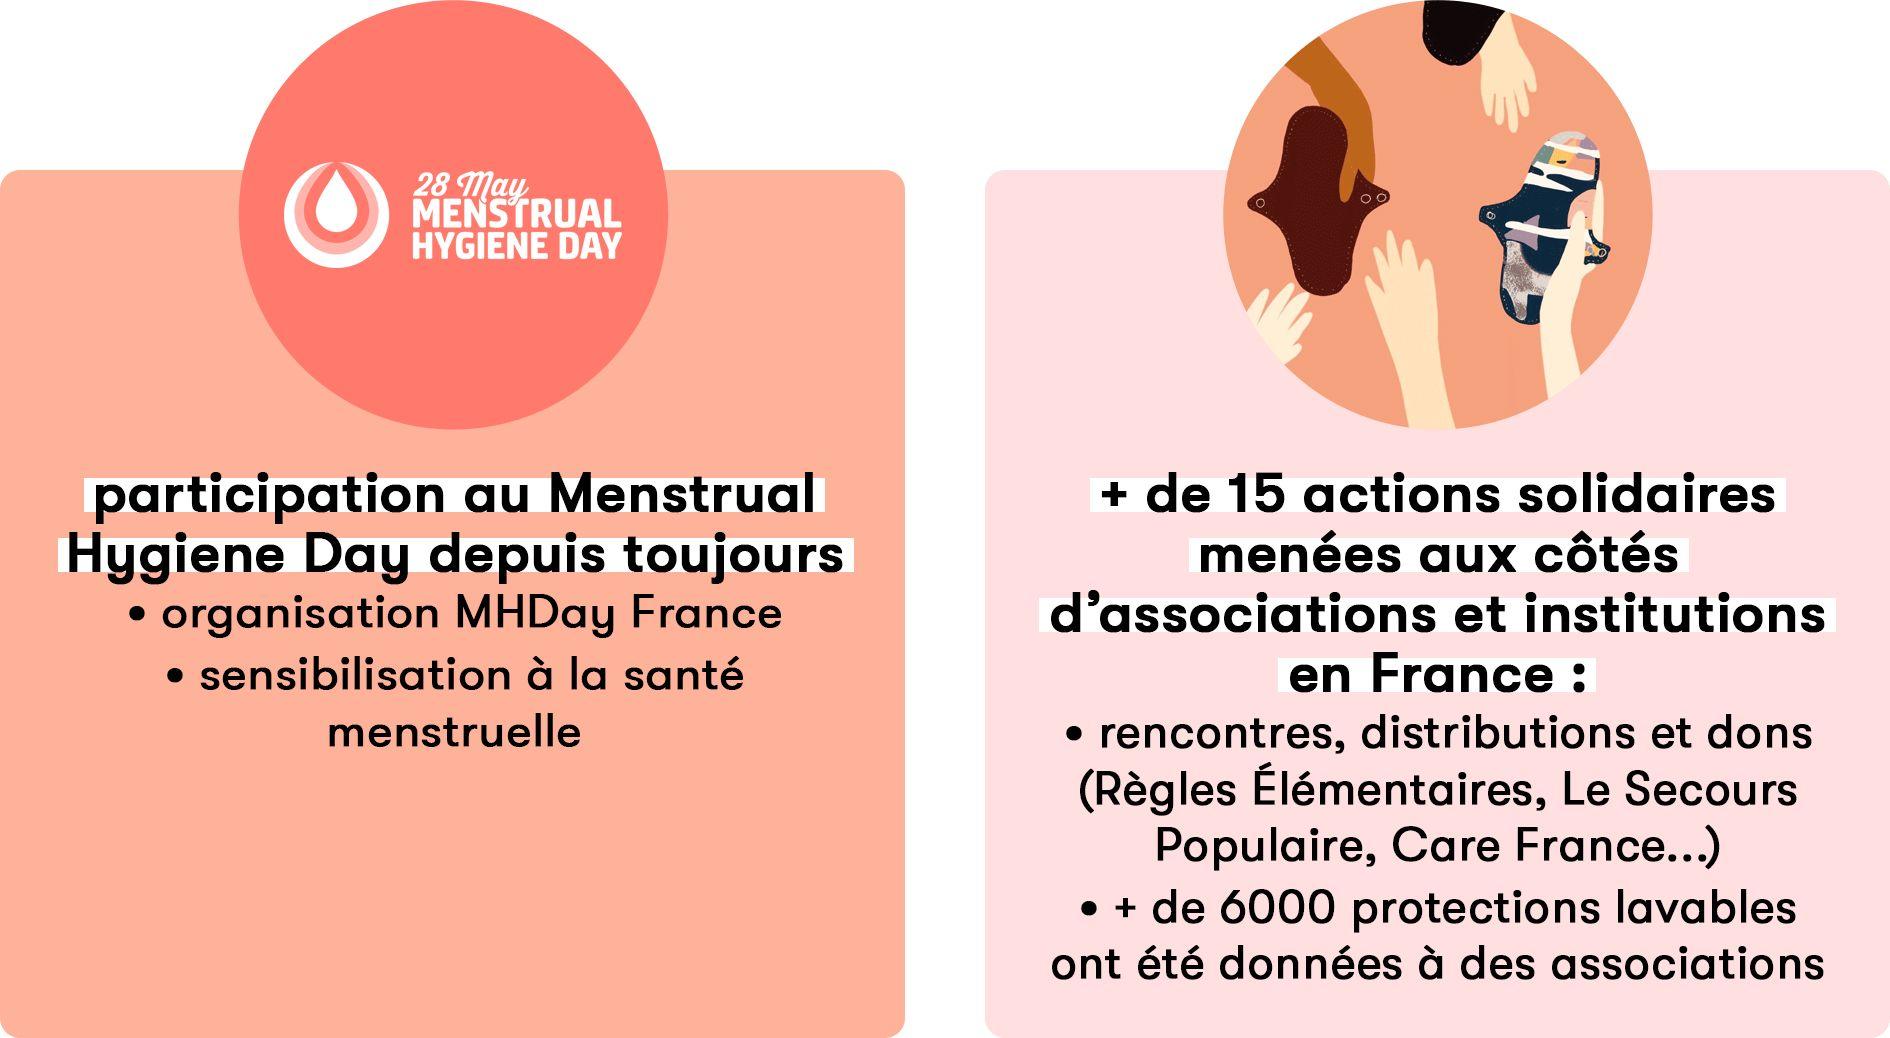 Les actions de Dans Ma Culotte pour lutter contre la précarité menstruelle